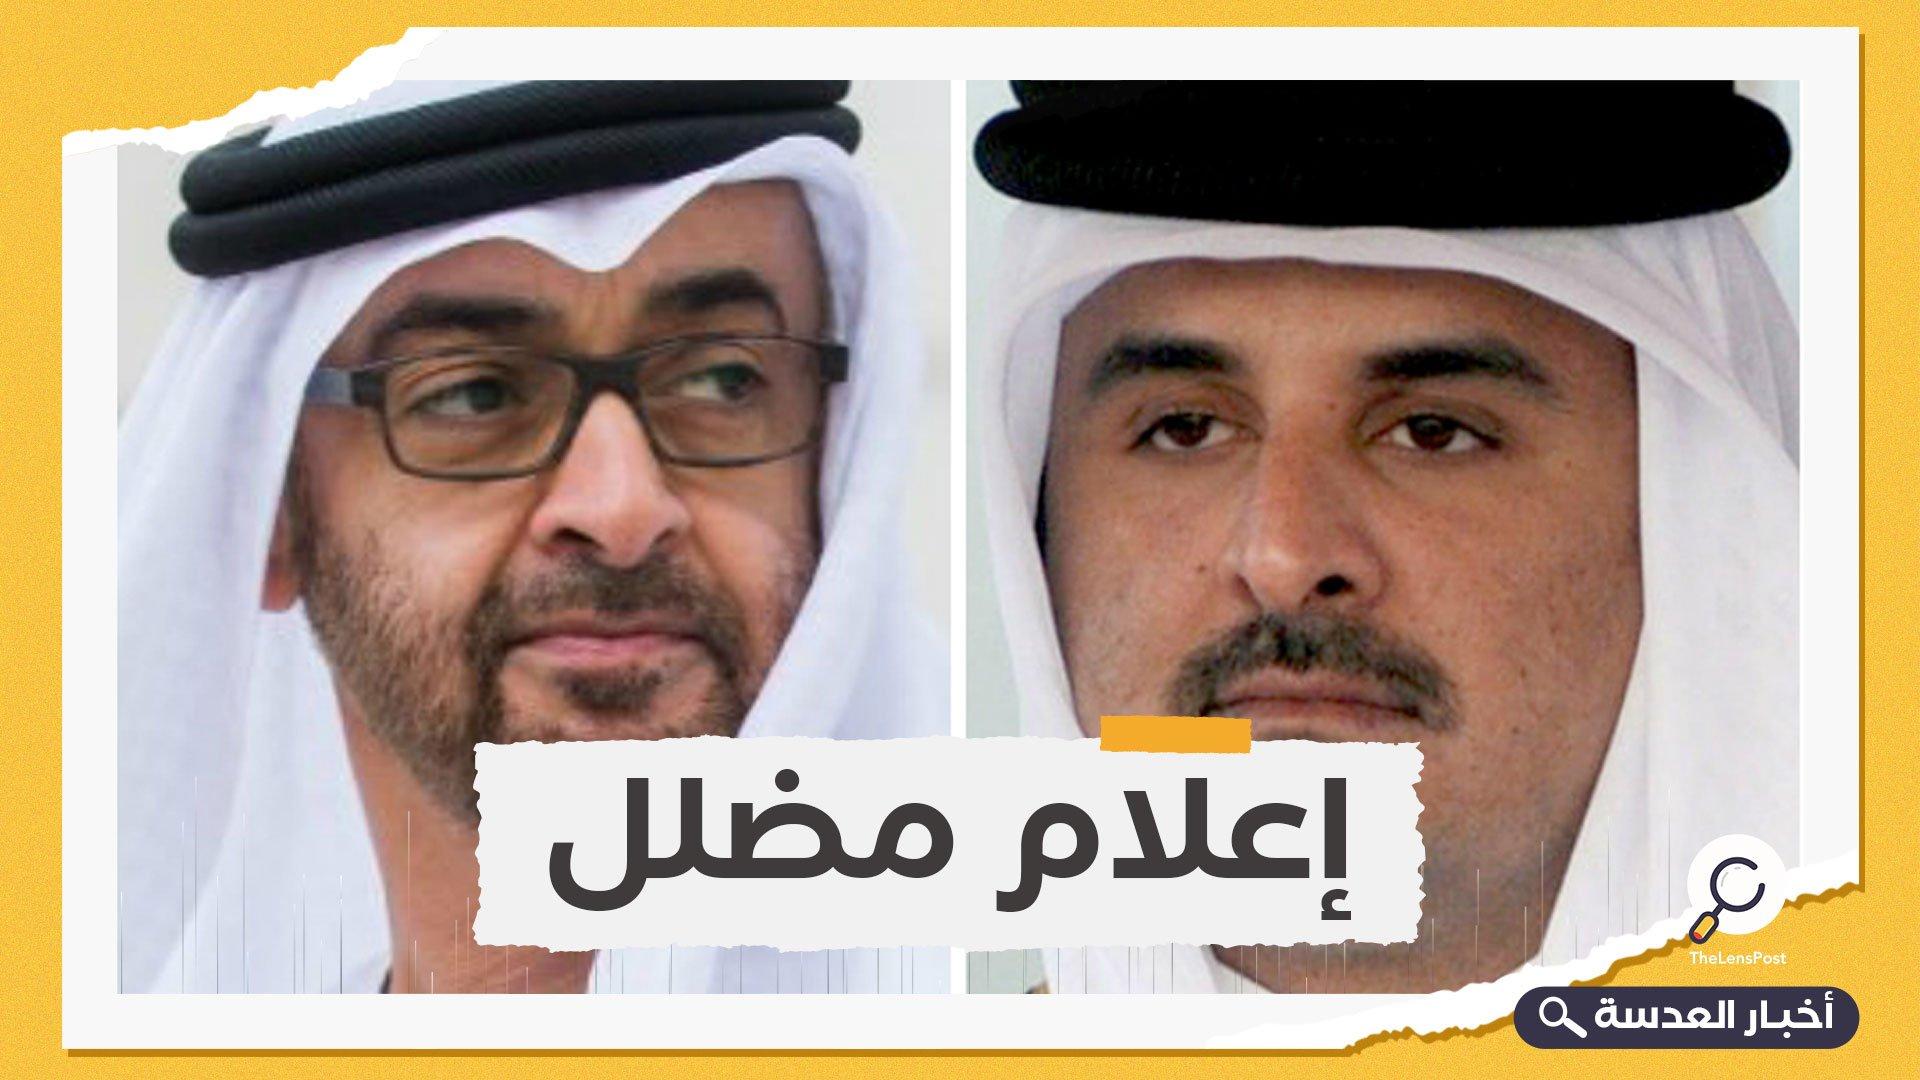 إعلام مضلل.. الإمارات تروج أخبارا مشبوهة ضد قطر بزعم تمويل الإرهاب